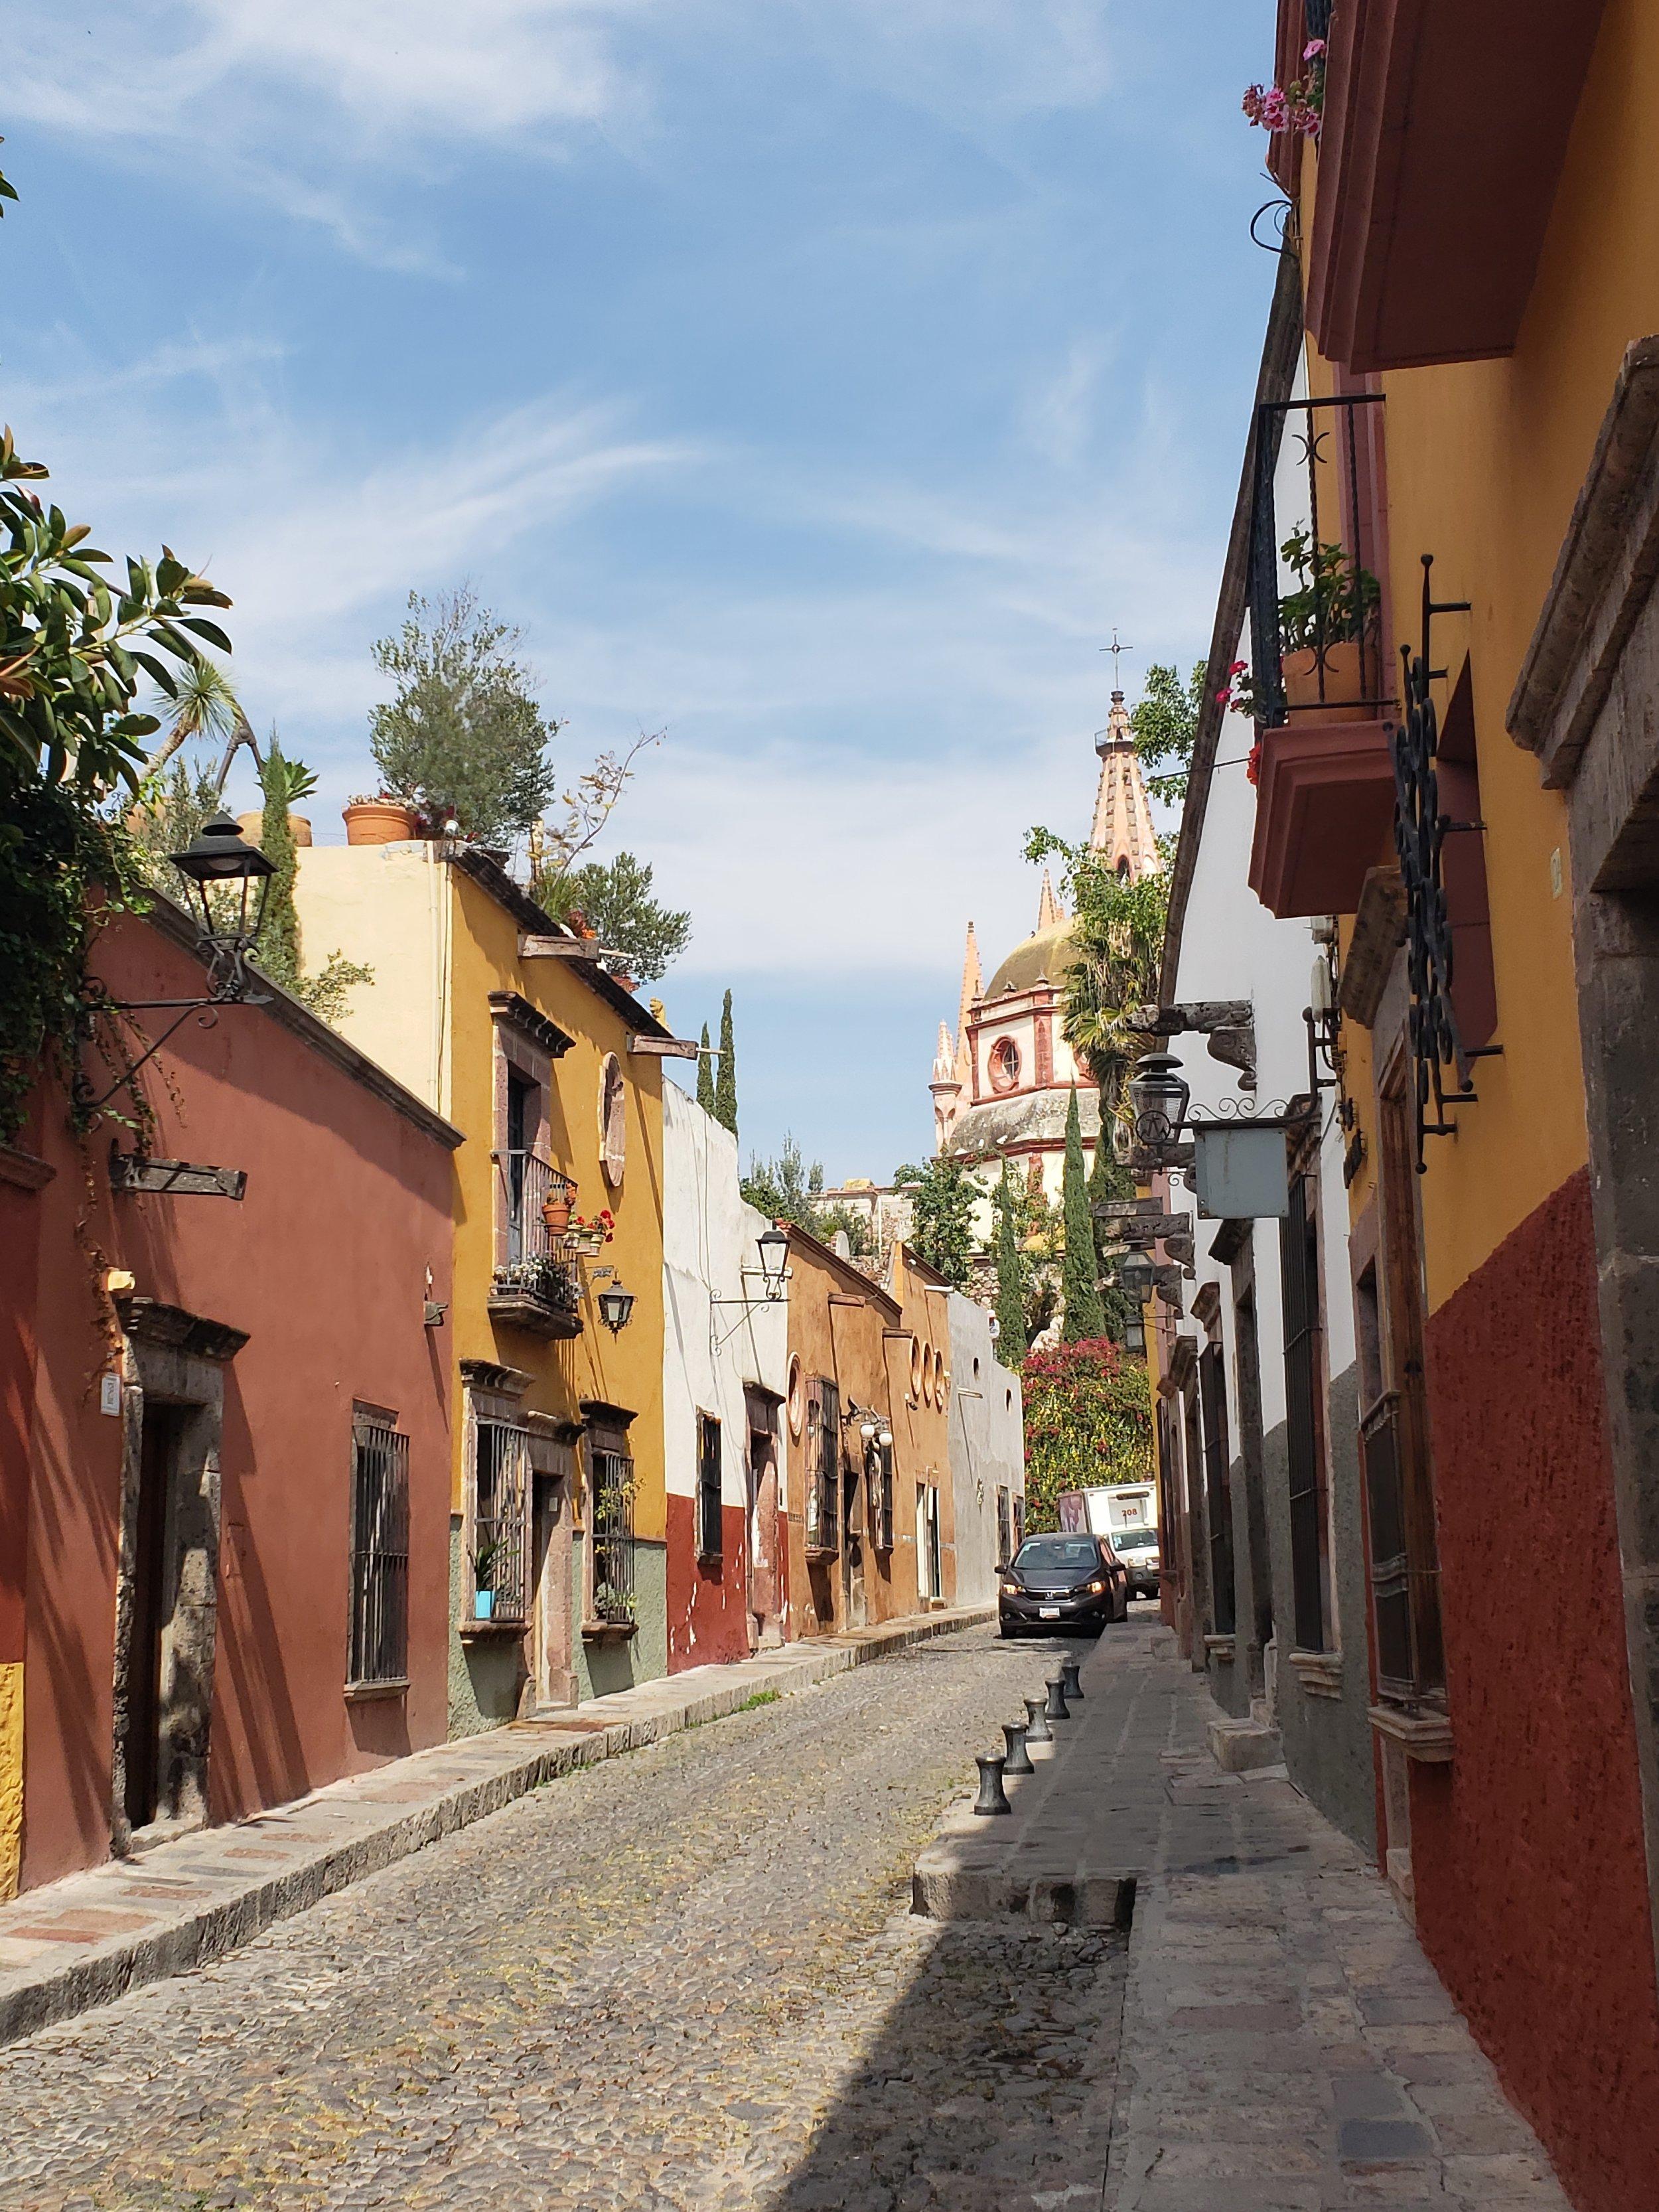 Street scene in San Miguel